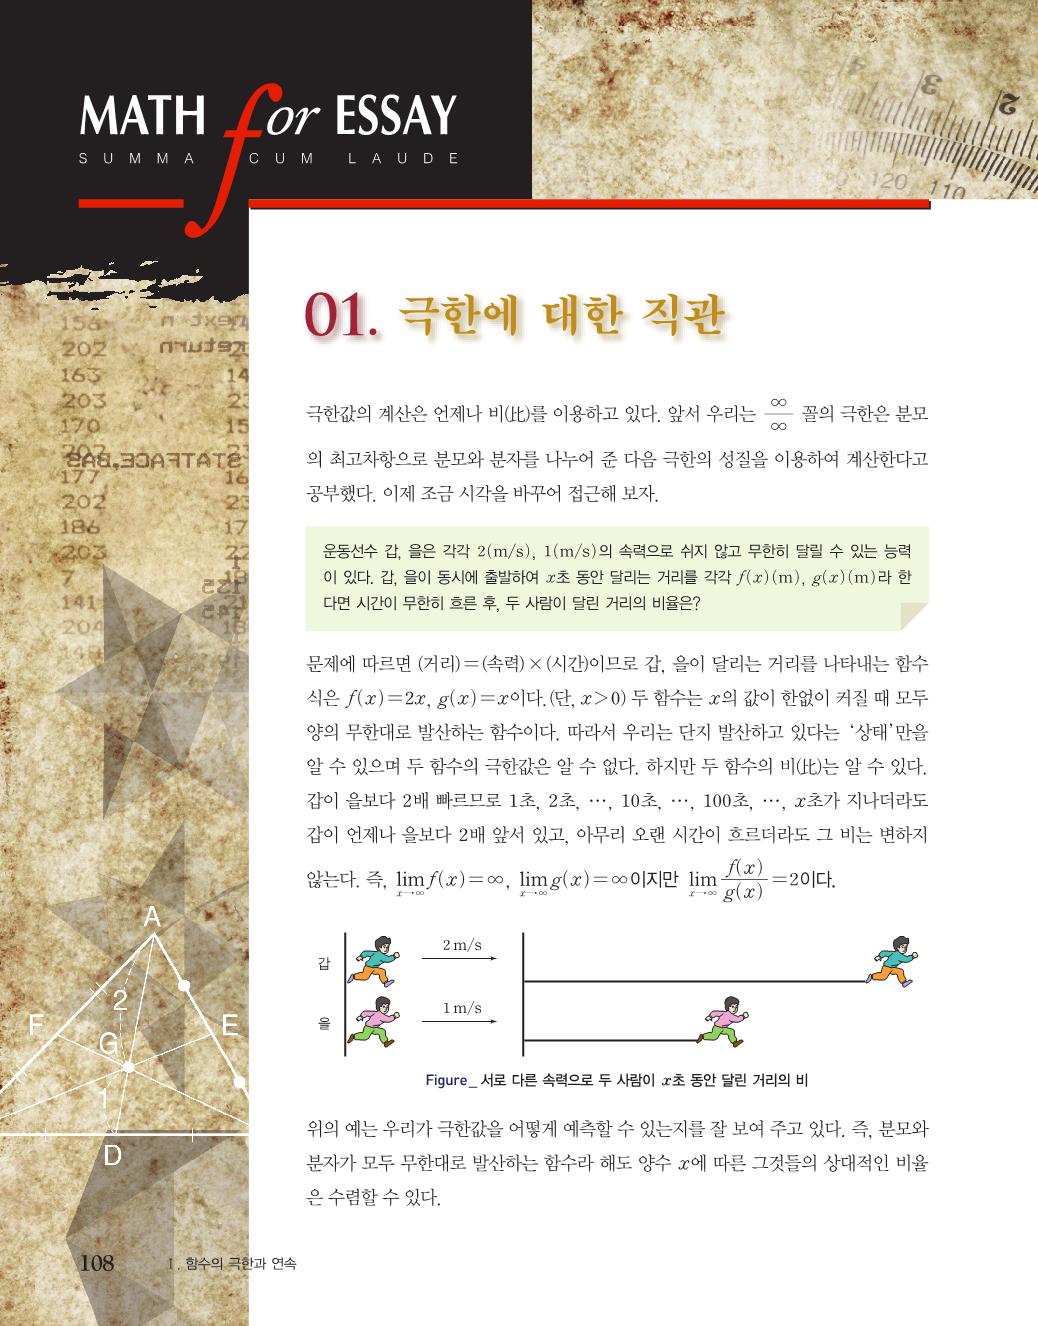 숨마수학기본서수학2미리보기27.png